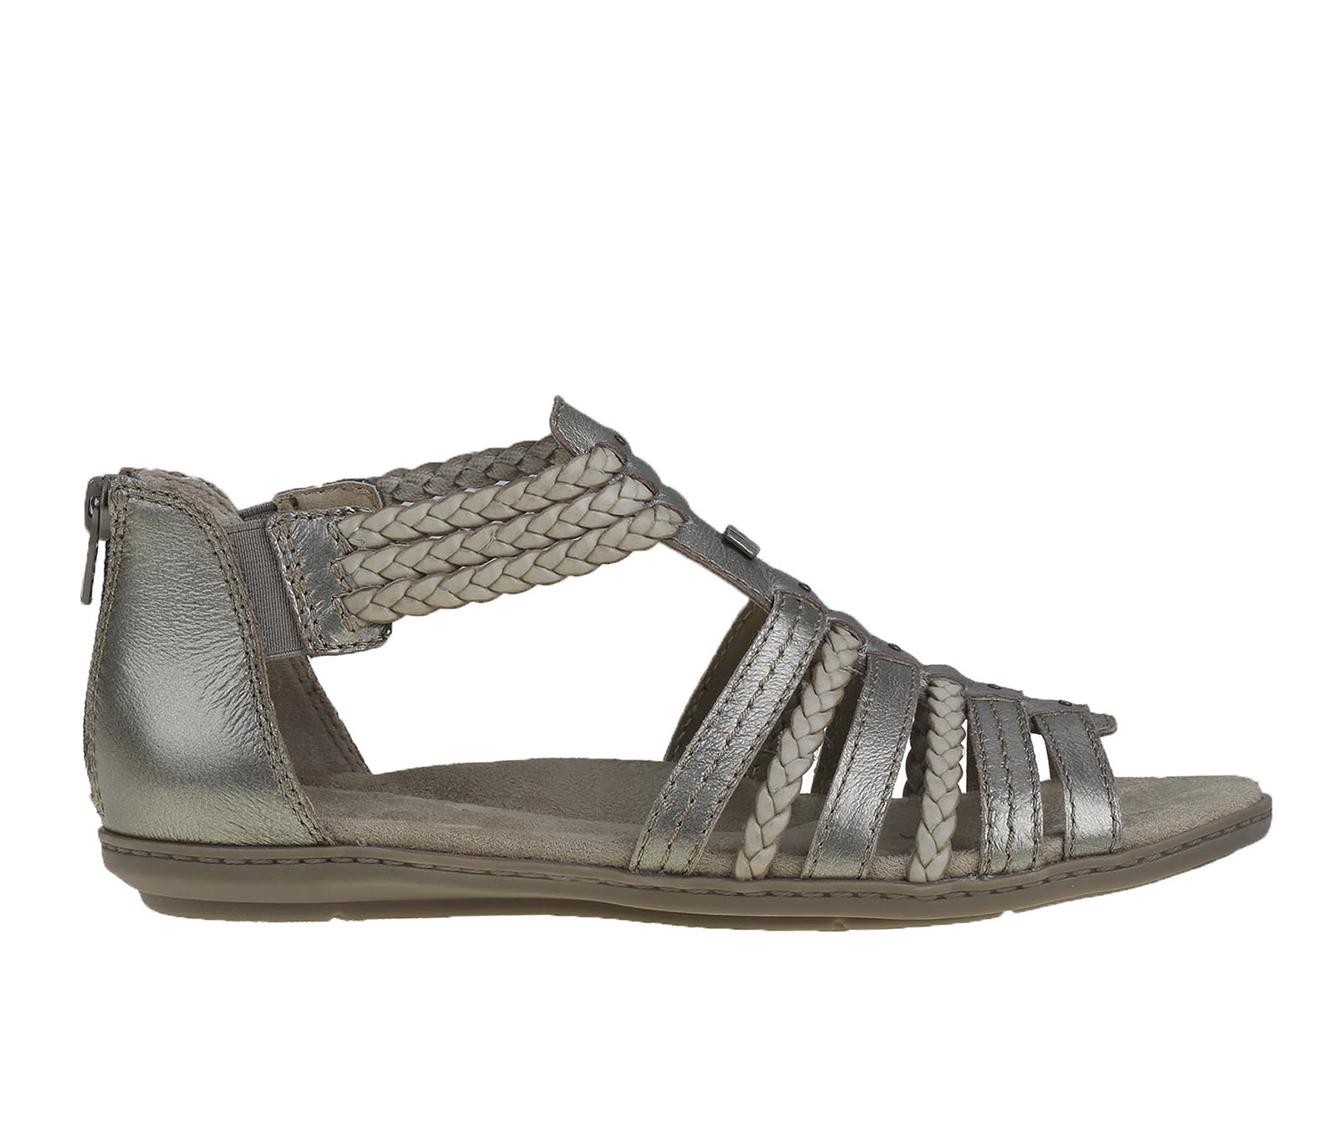 Earth Origins Belle Blaine Women's Sandal (Gray Leather)